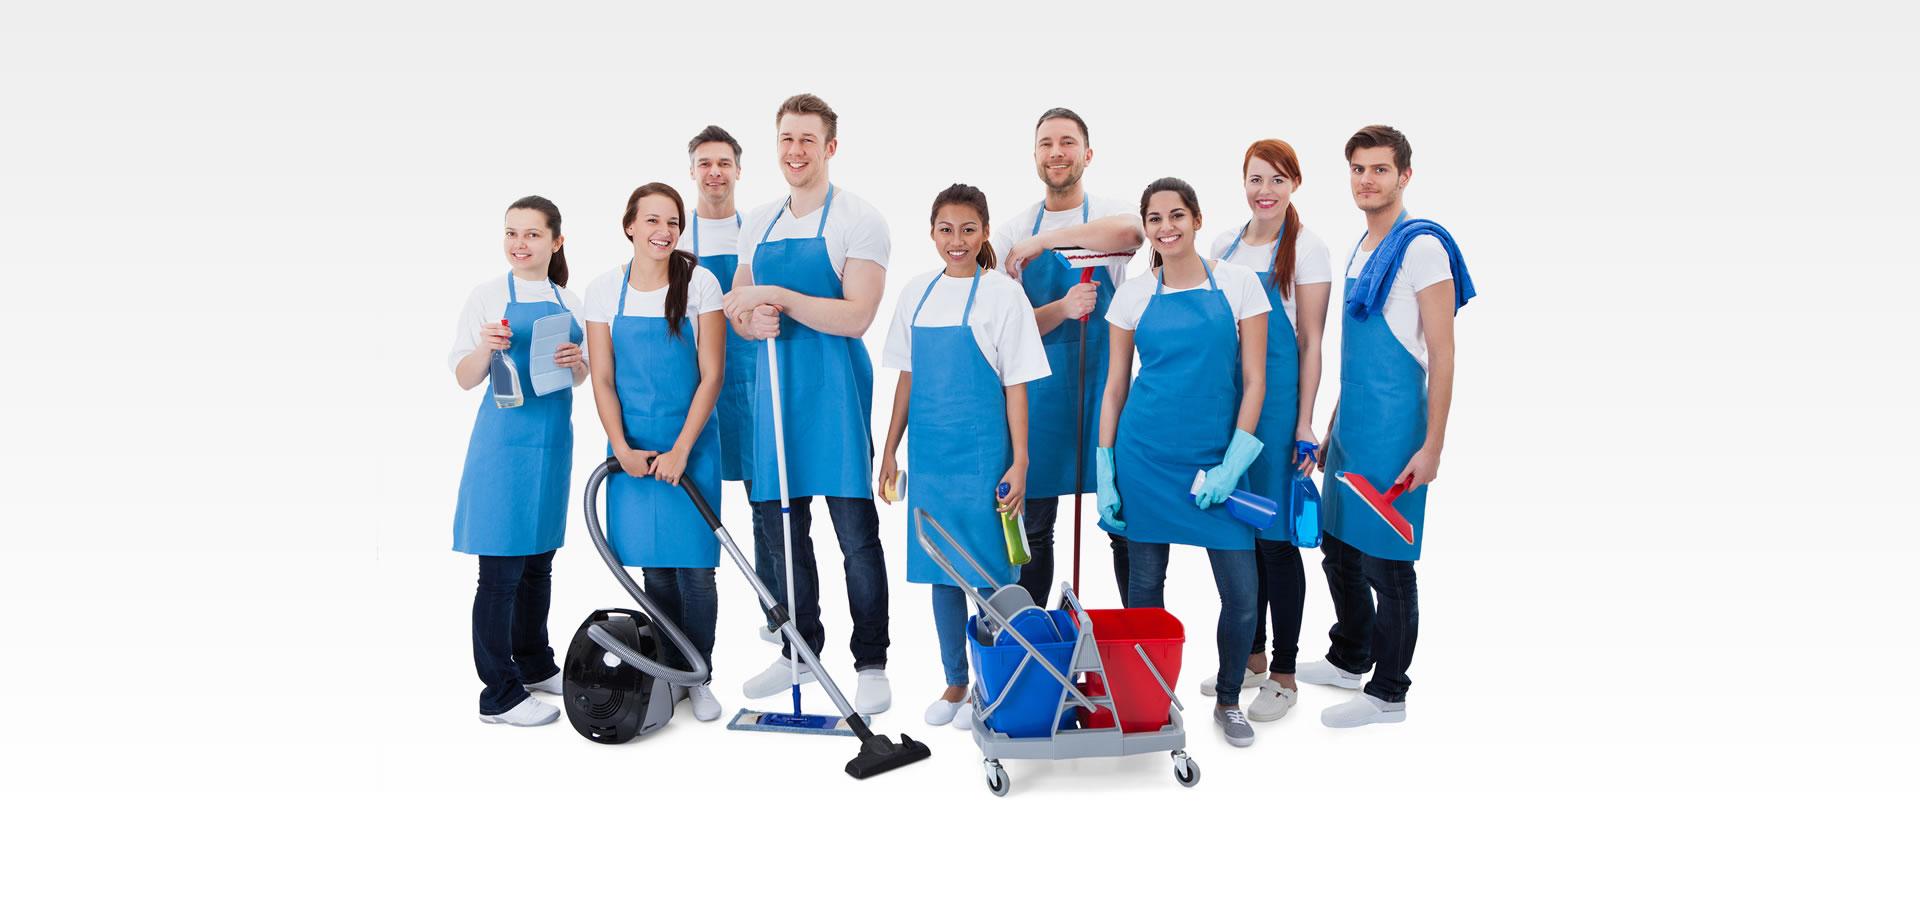 Servicio atenci n al cliente limpiezas navarra - Empresas limpieza pamplona ...